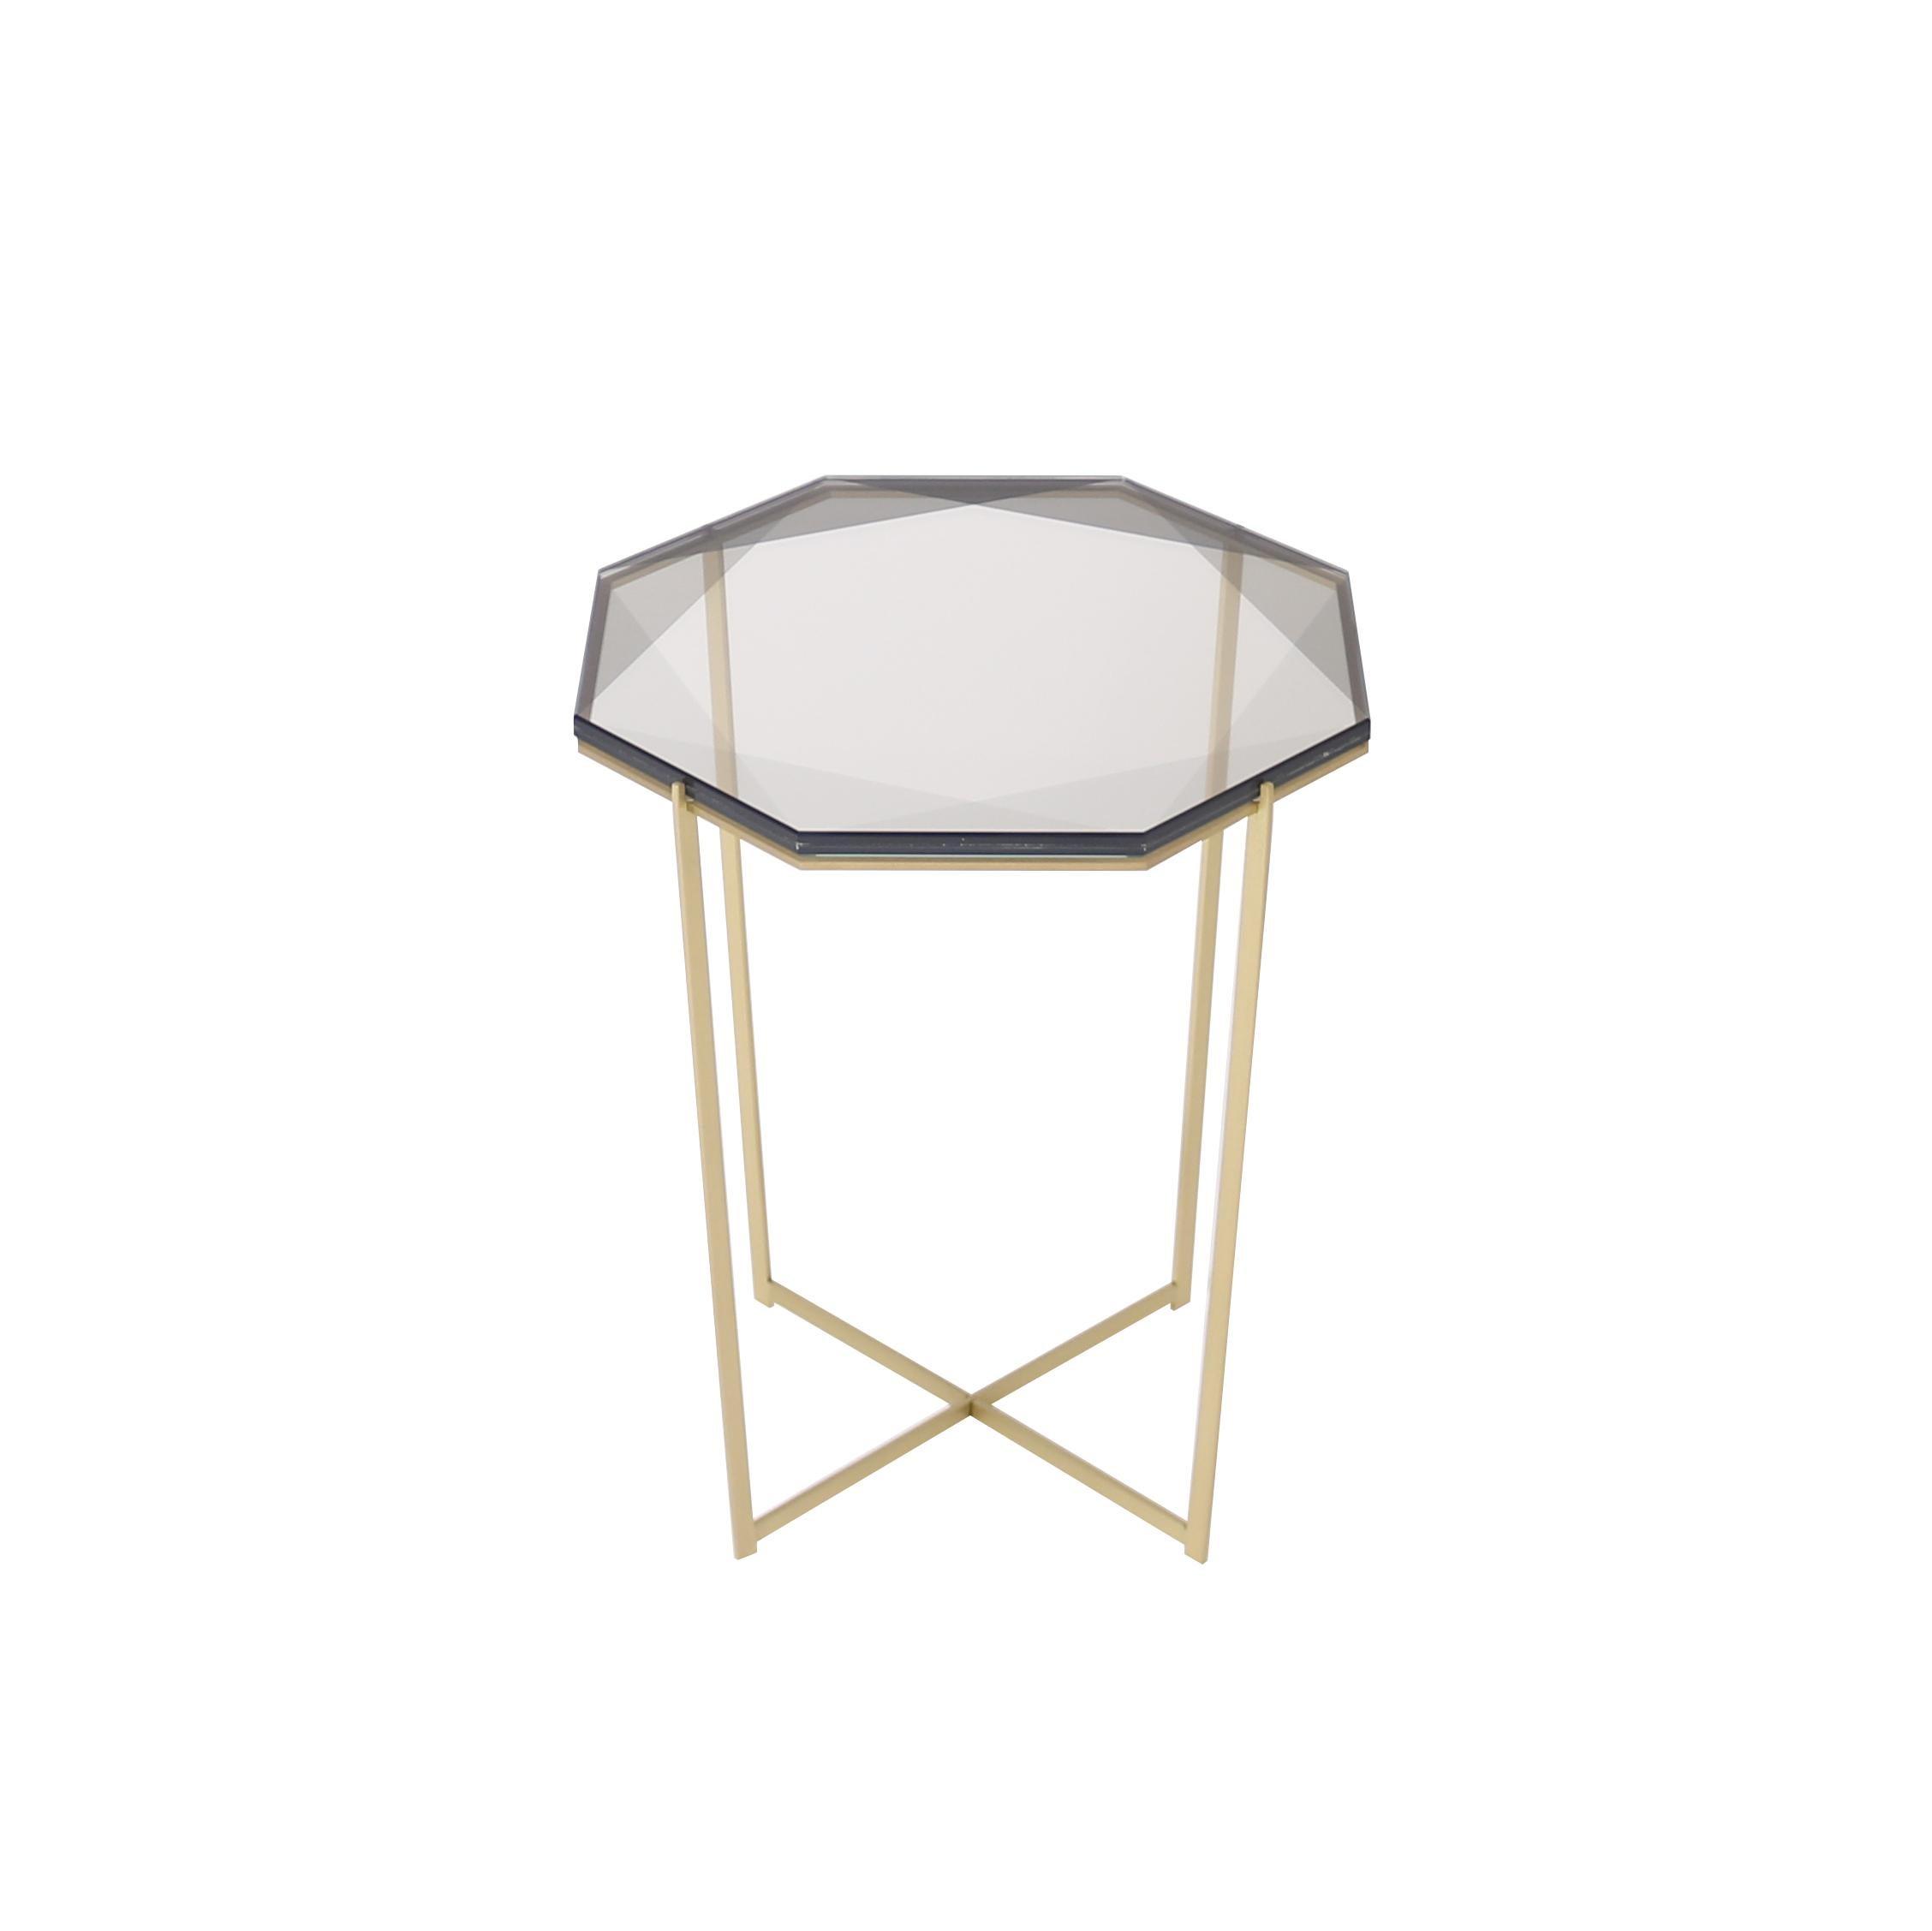 Gem Side Table - Smoke Glass w/ Brass Base by Debra Folz